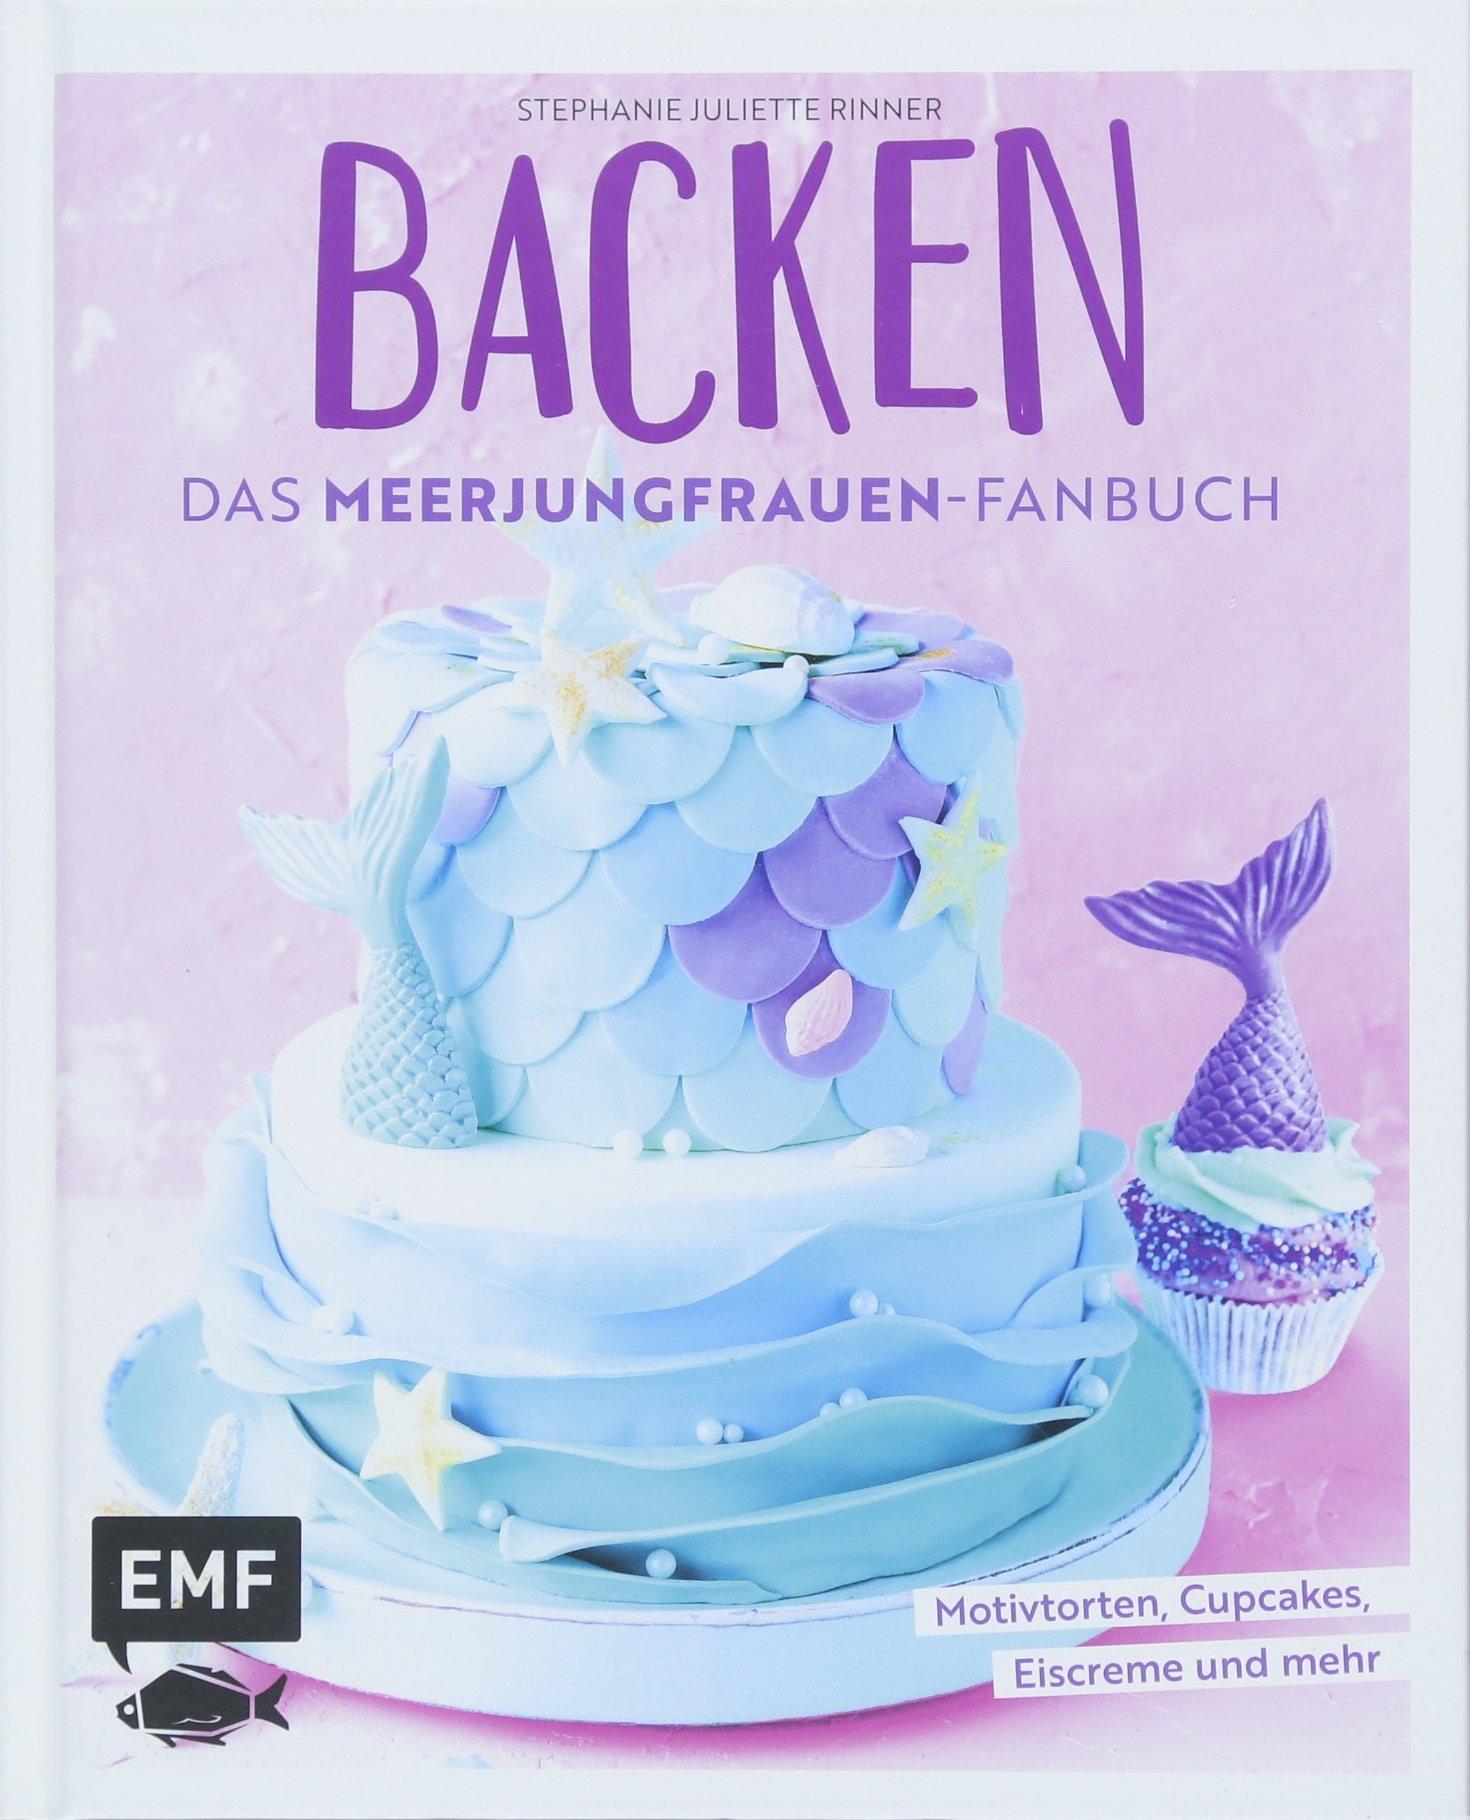 backen-das-meerjungfrauen-fanbuch-motivtorten-cupcakes-eiscreme-und-mehr